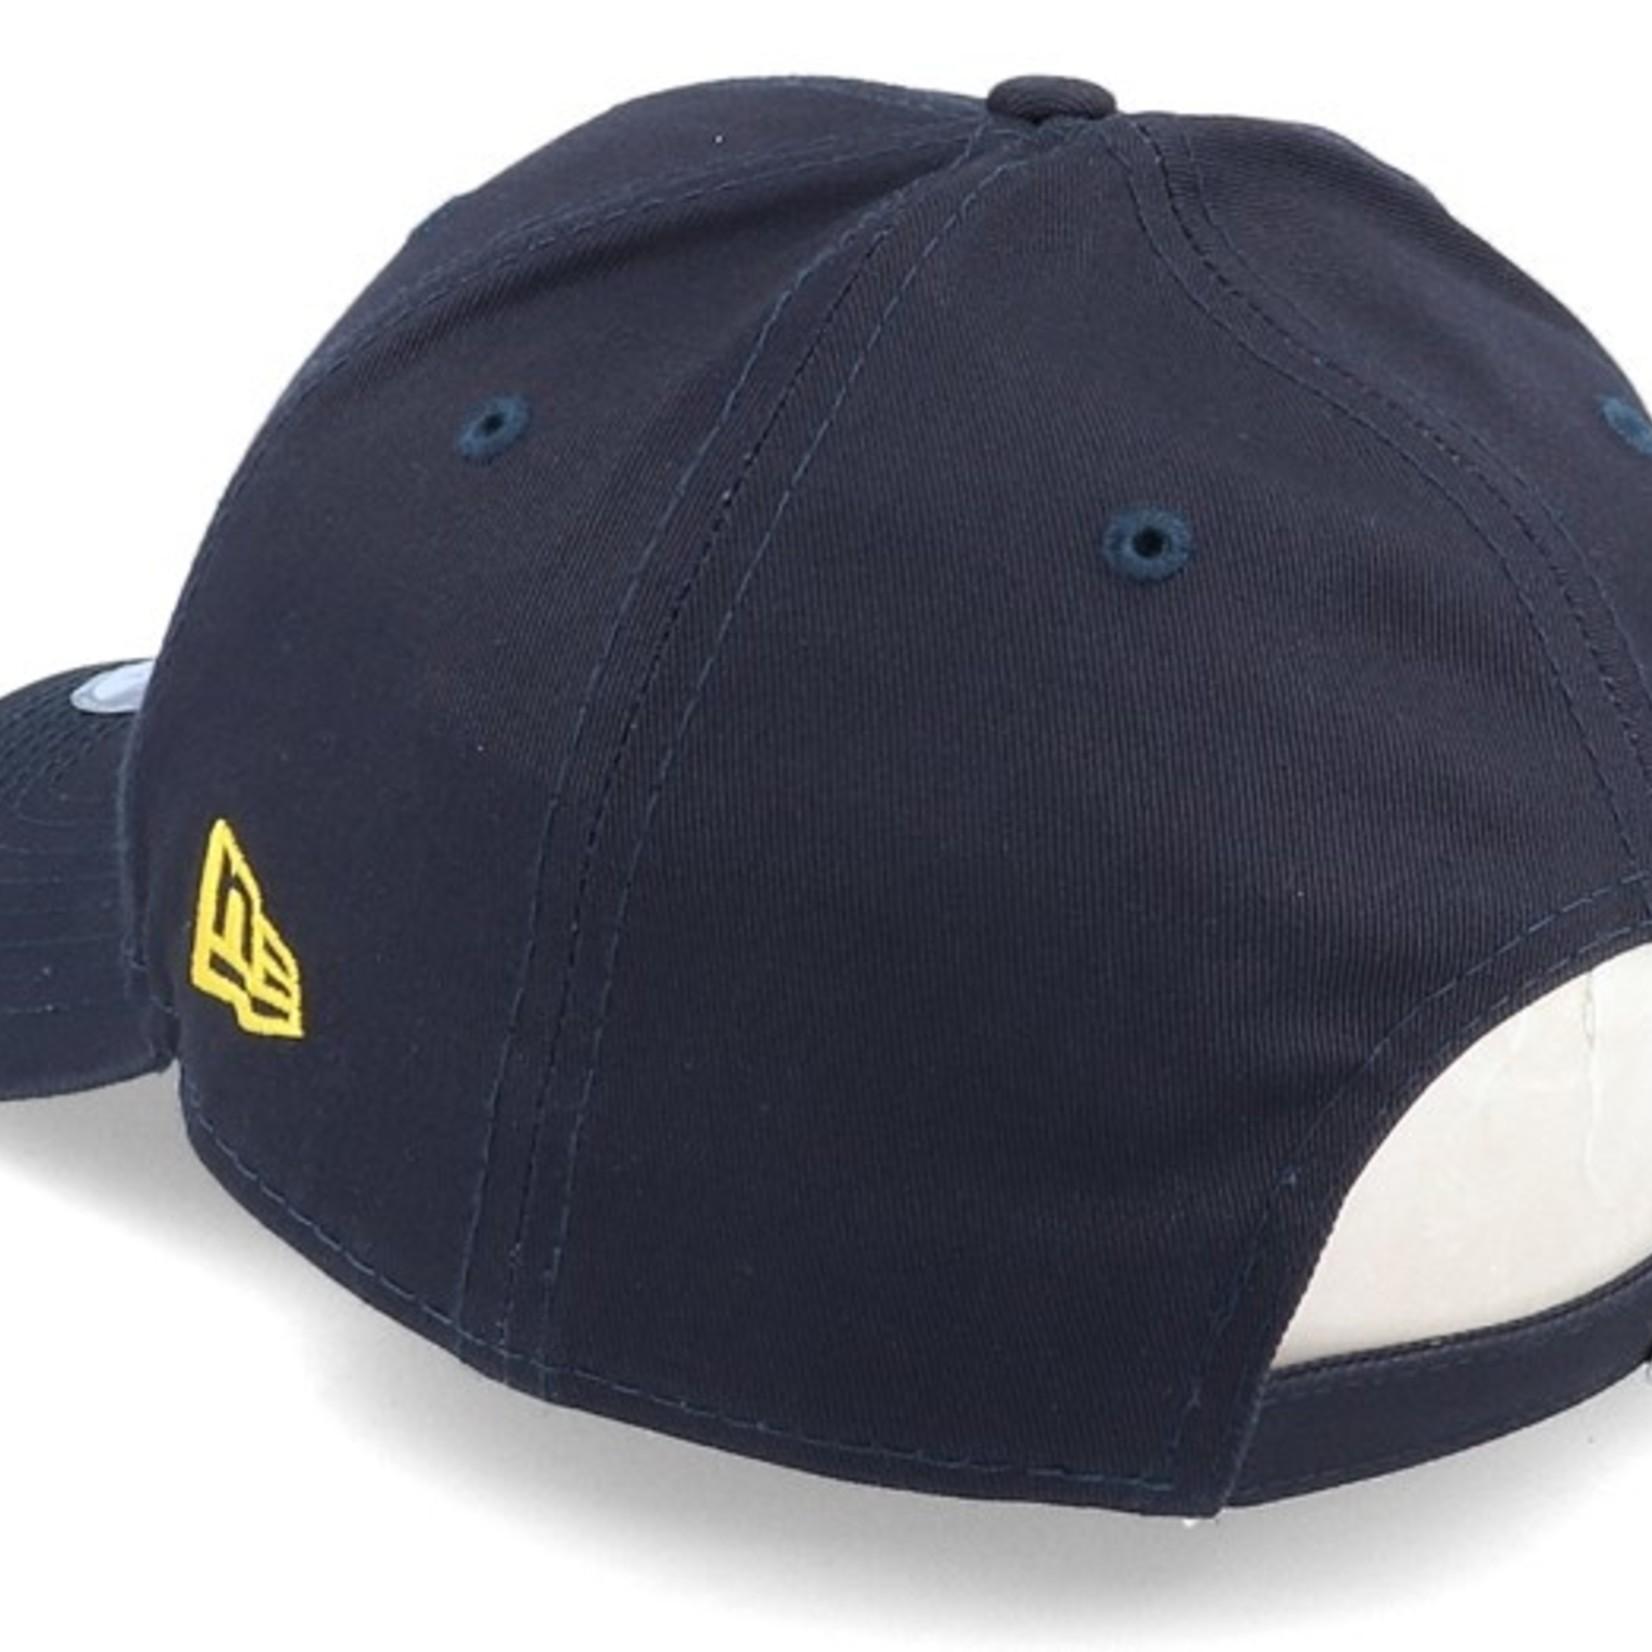 New Era NY 9Forty Navy/Yellow adjustable